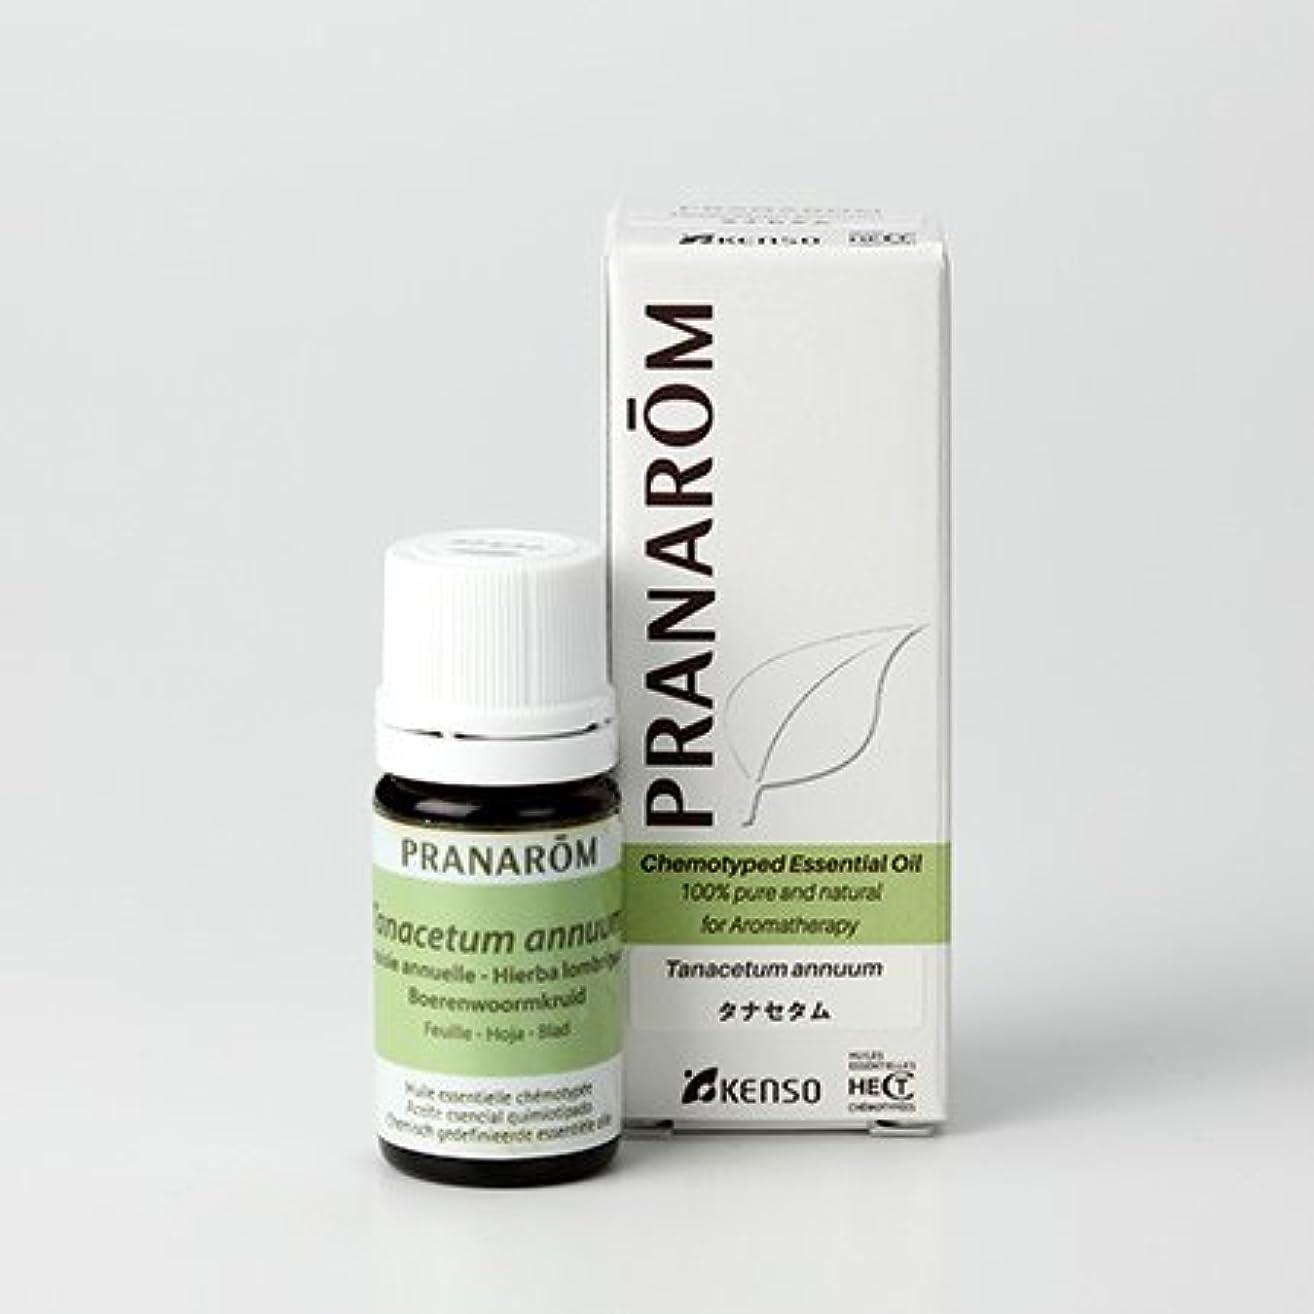 評決多年生ローストプラナロム タナセタム 5ml (PRANAROM ケモタイプ精油)